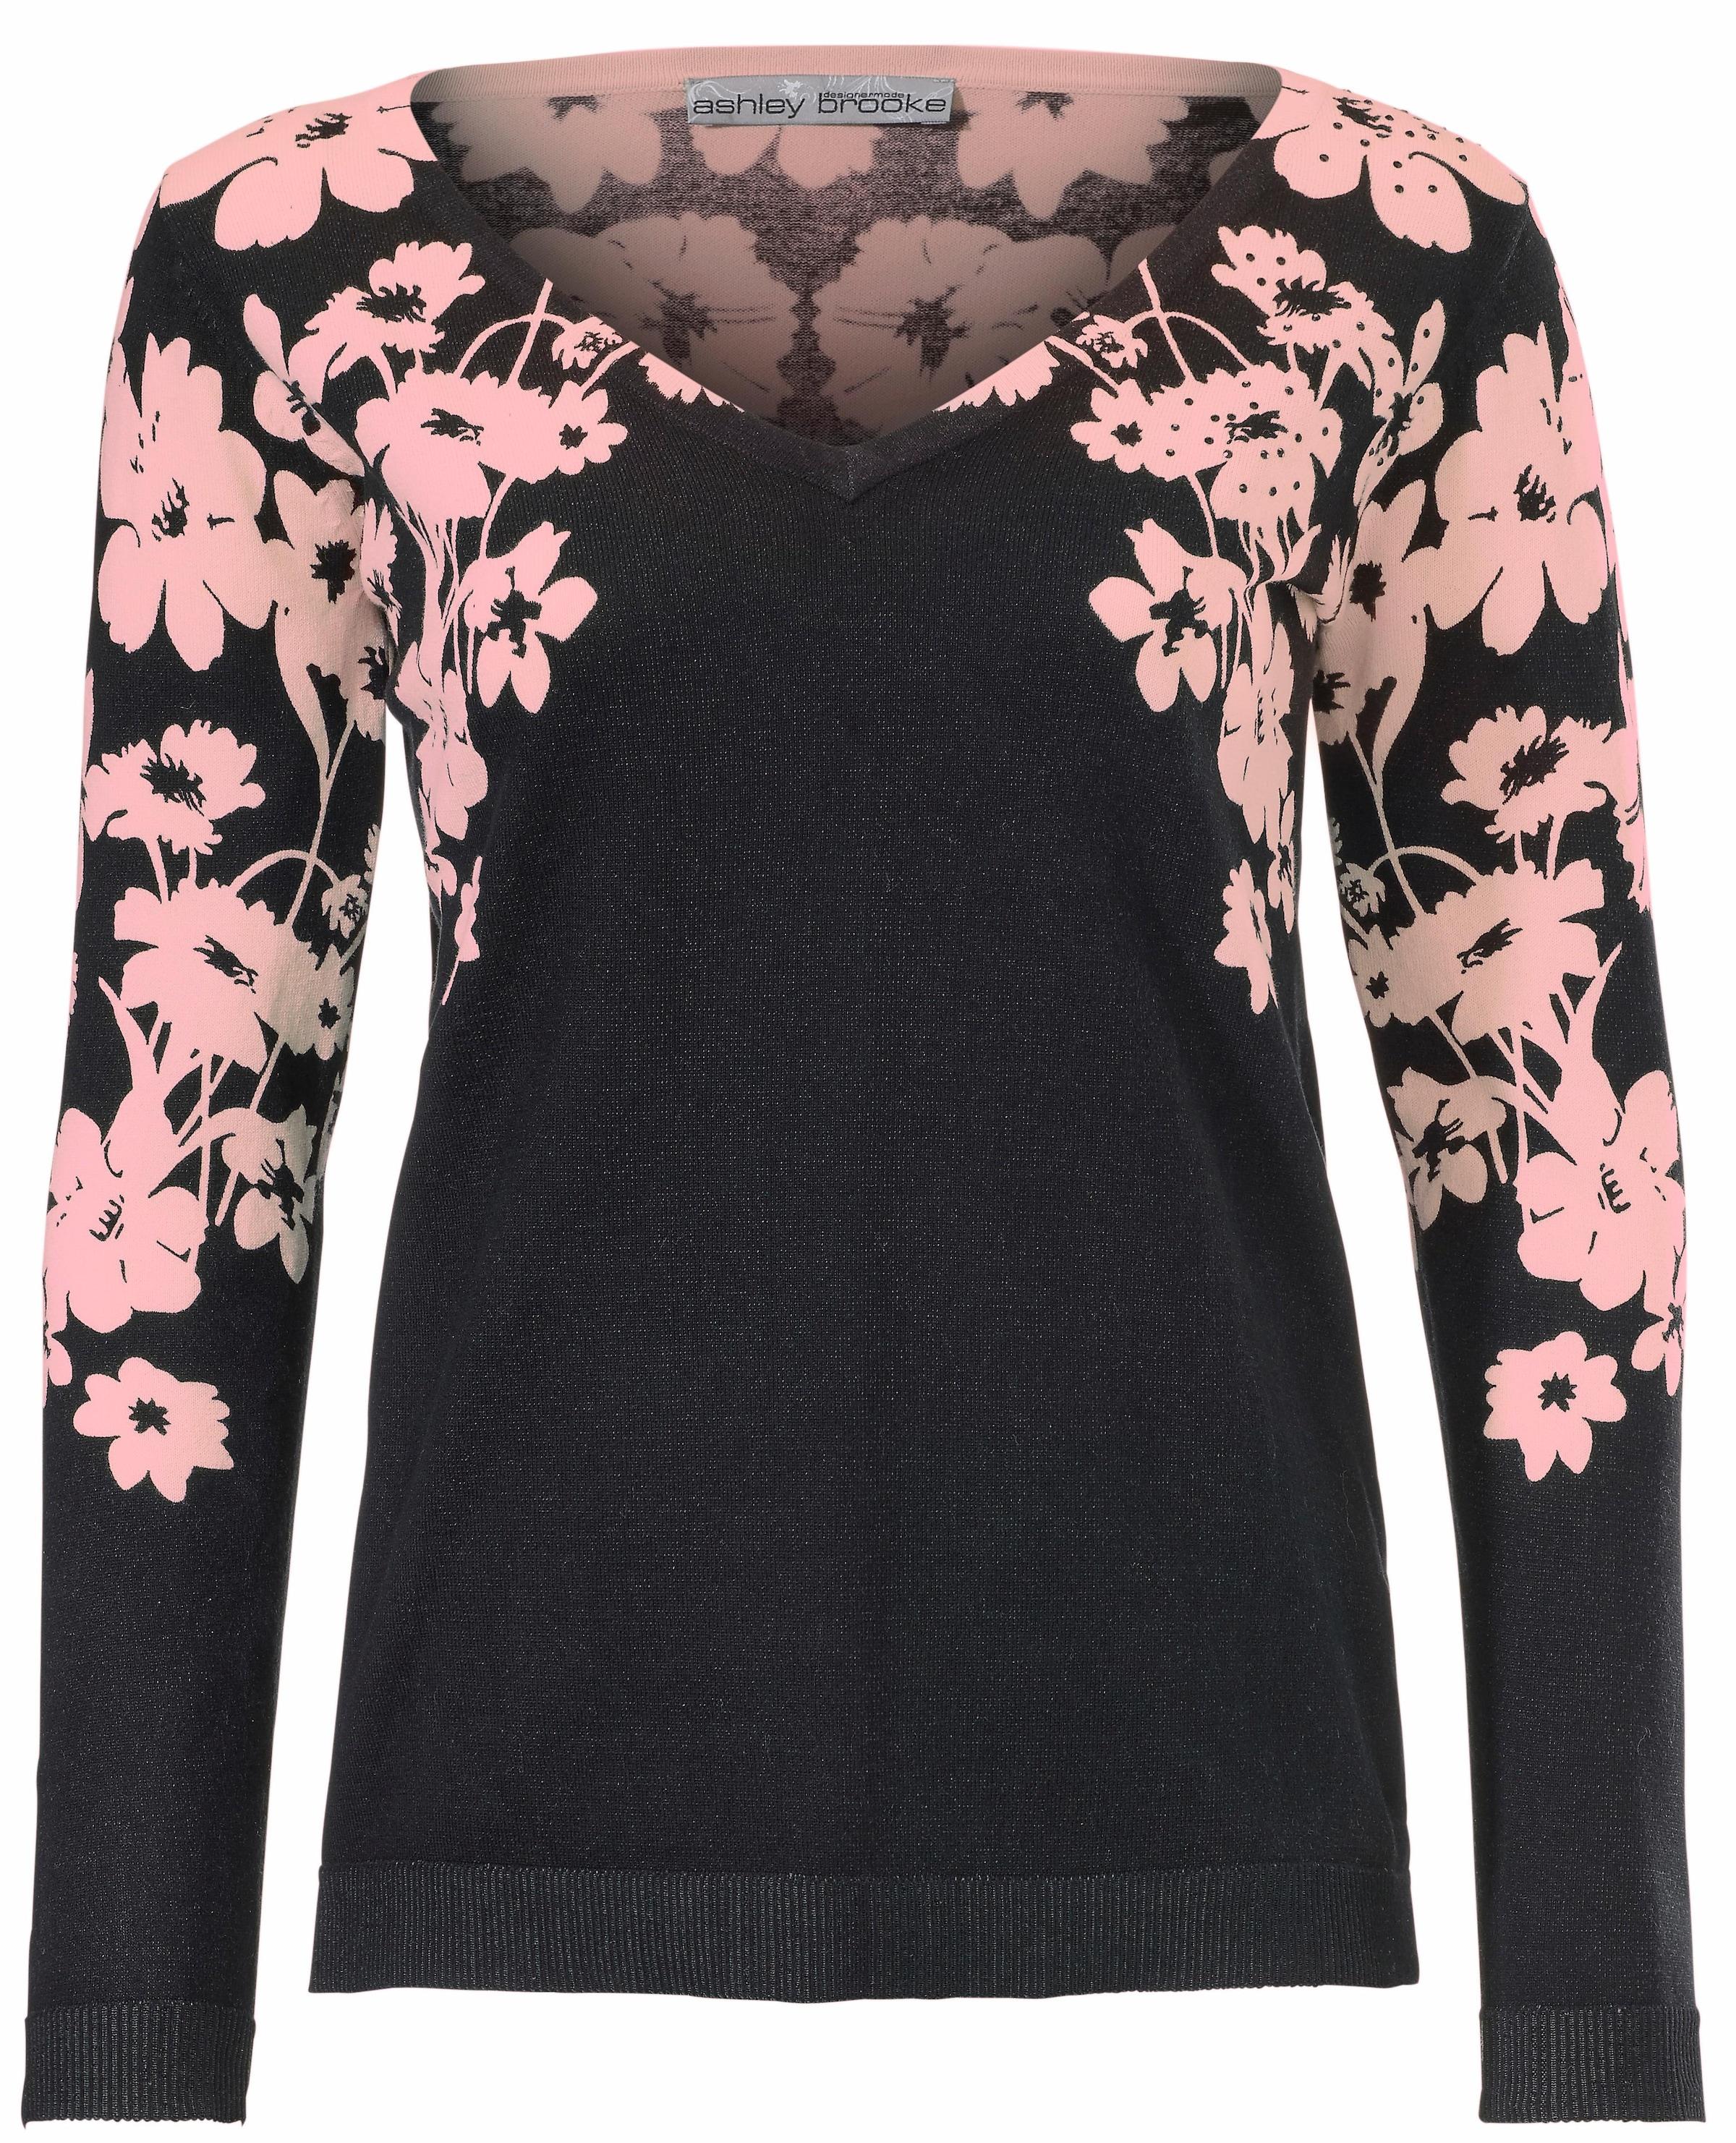 Blumendessin Heine RosaSchwarz V Mit In pullover Yfv7gy6b